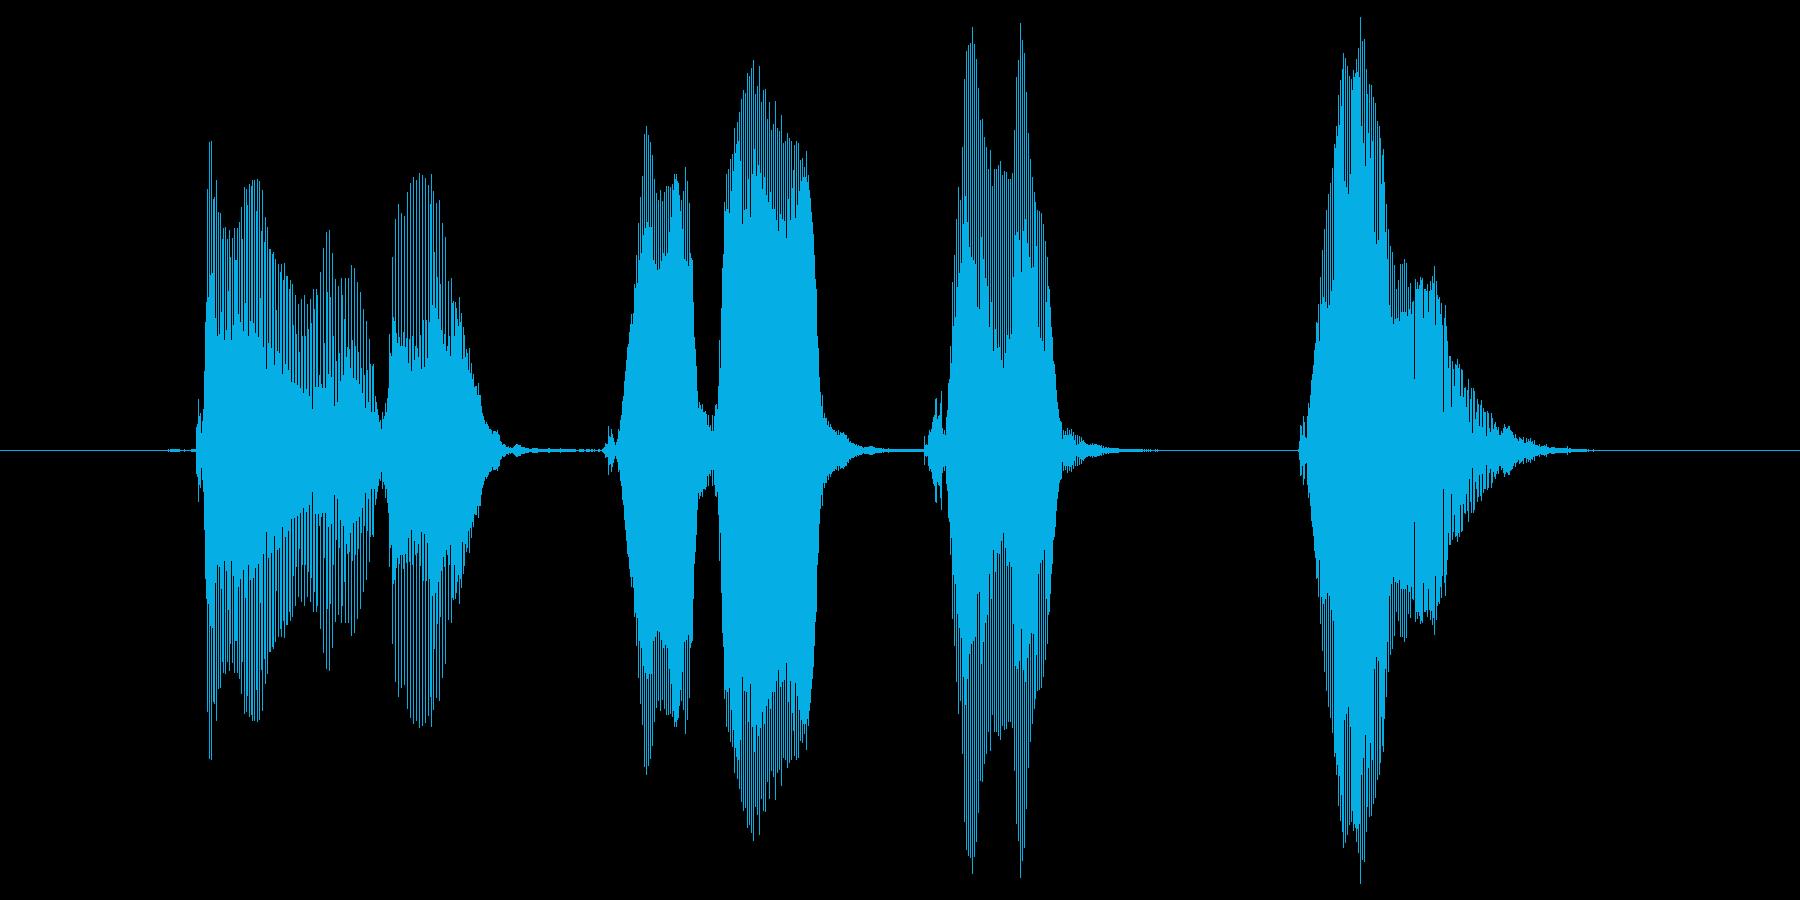 トリプルチョップ!の再生済みの波形